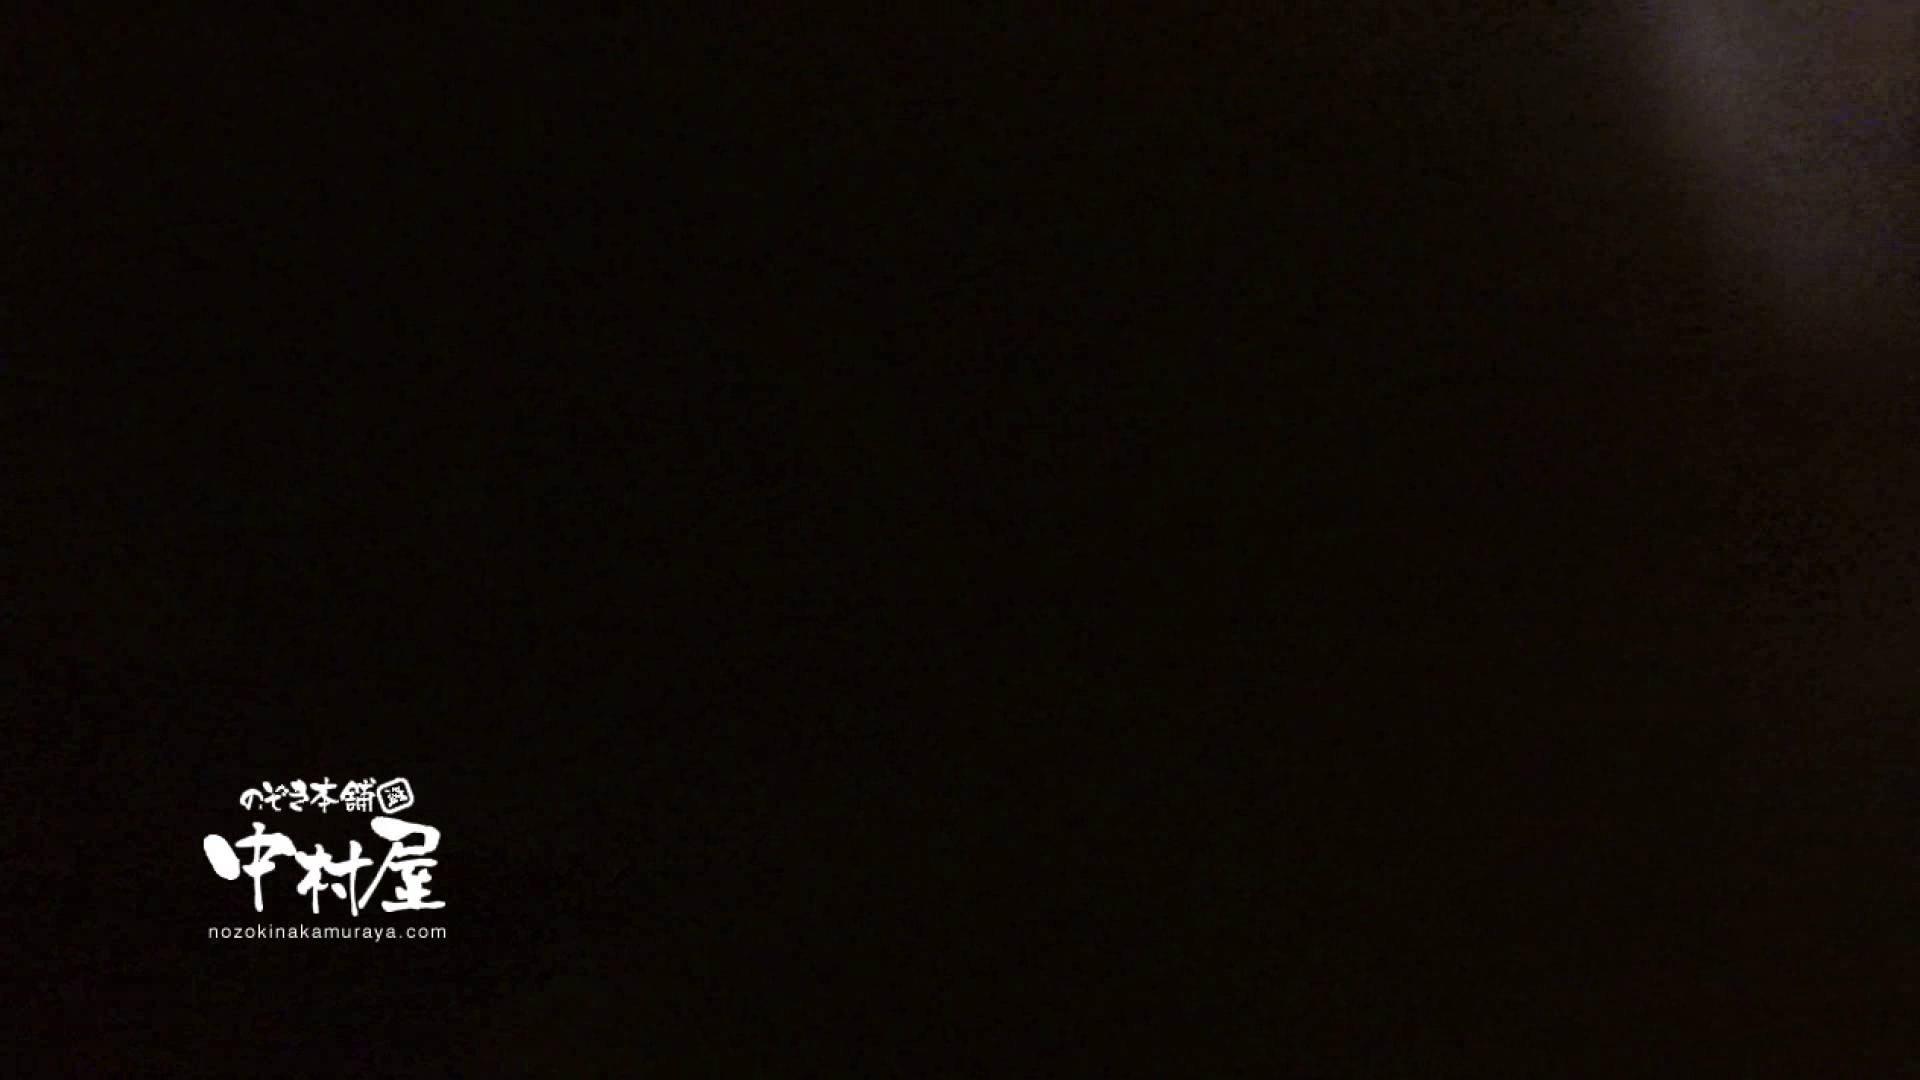 鬼畜 vol.10 あぁ無情…中出しパイパン! 前編 鬼畜 盗撮動画紹介 57連発 41